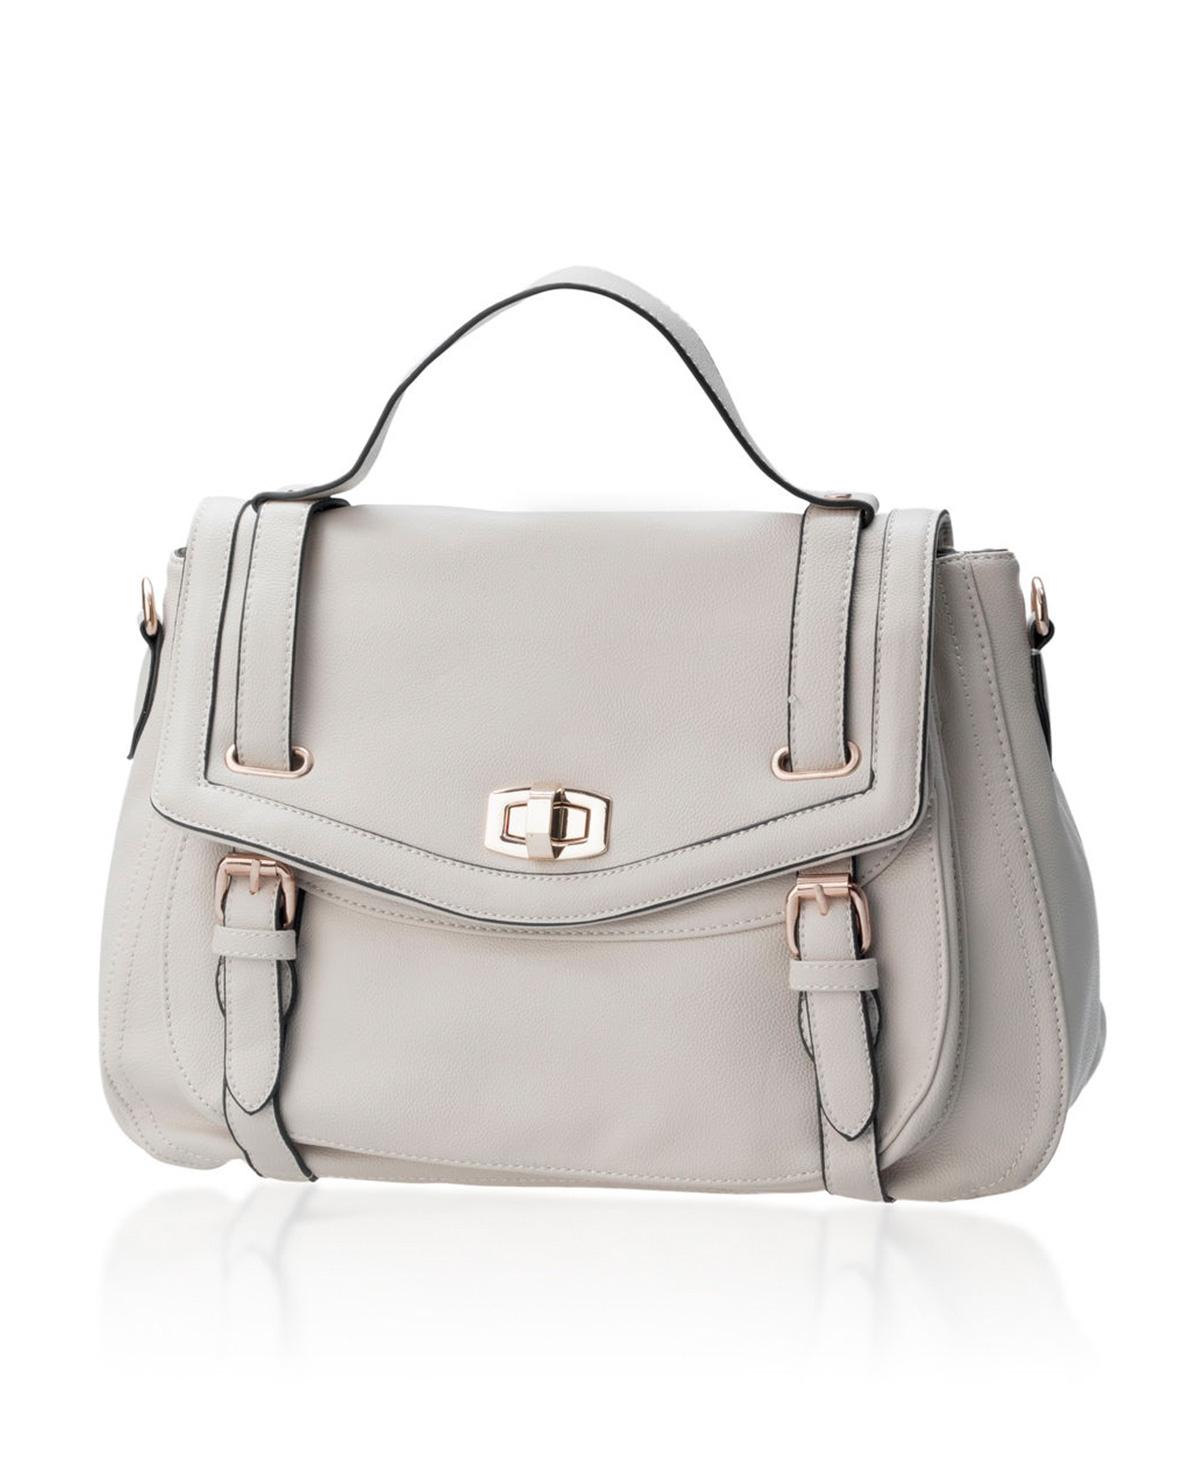 Wat is toch dat witte zakje dat in een nieuwe tas zit?